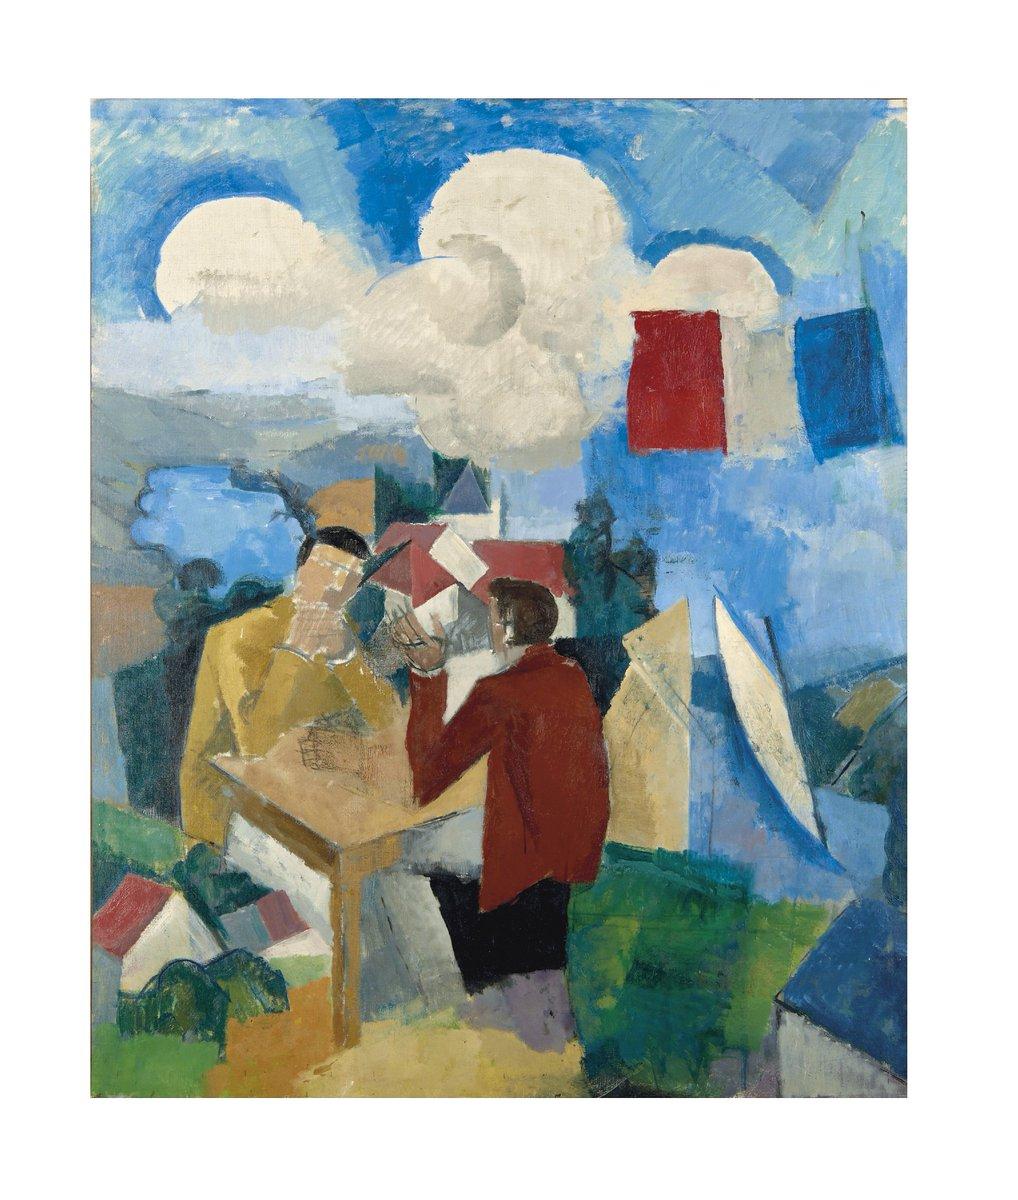 #Masterpiece : estimée 1 000 000-1 500 000 €, La Conquête de l'air par Roger de La Fresnaye vient d'être adjugé 2 370 500 € #ChristiesParis<br>http://pic.twitter.com/qc0GjDXrMz